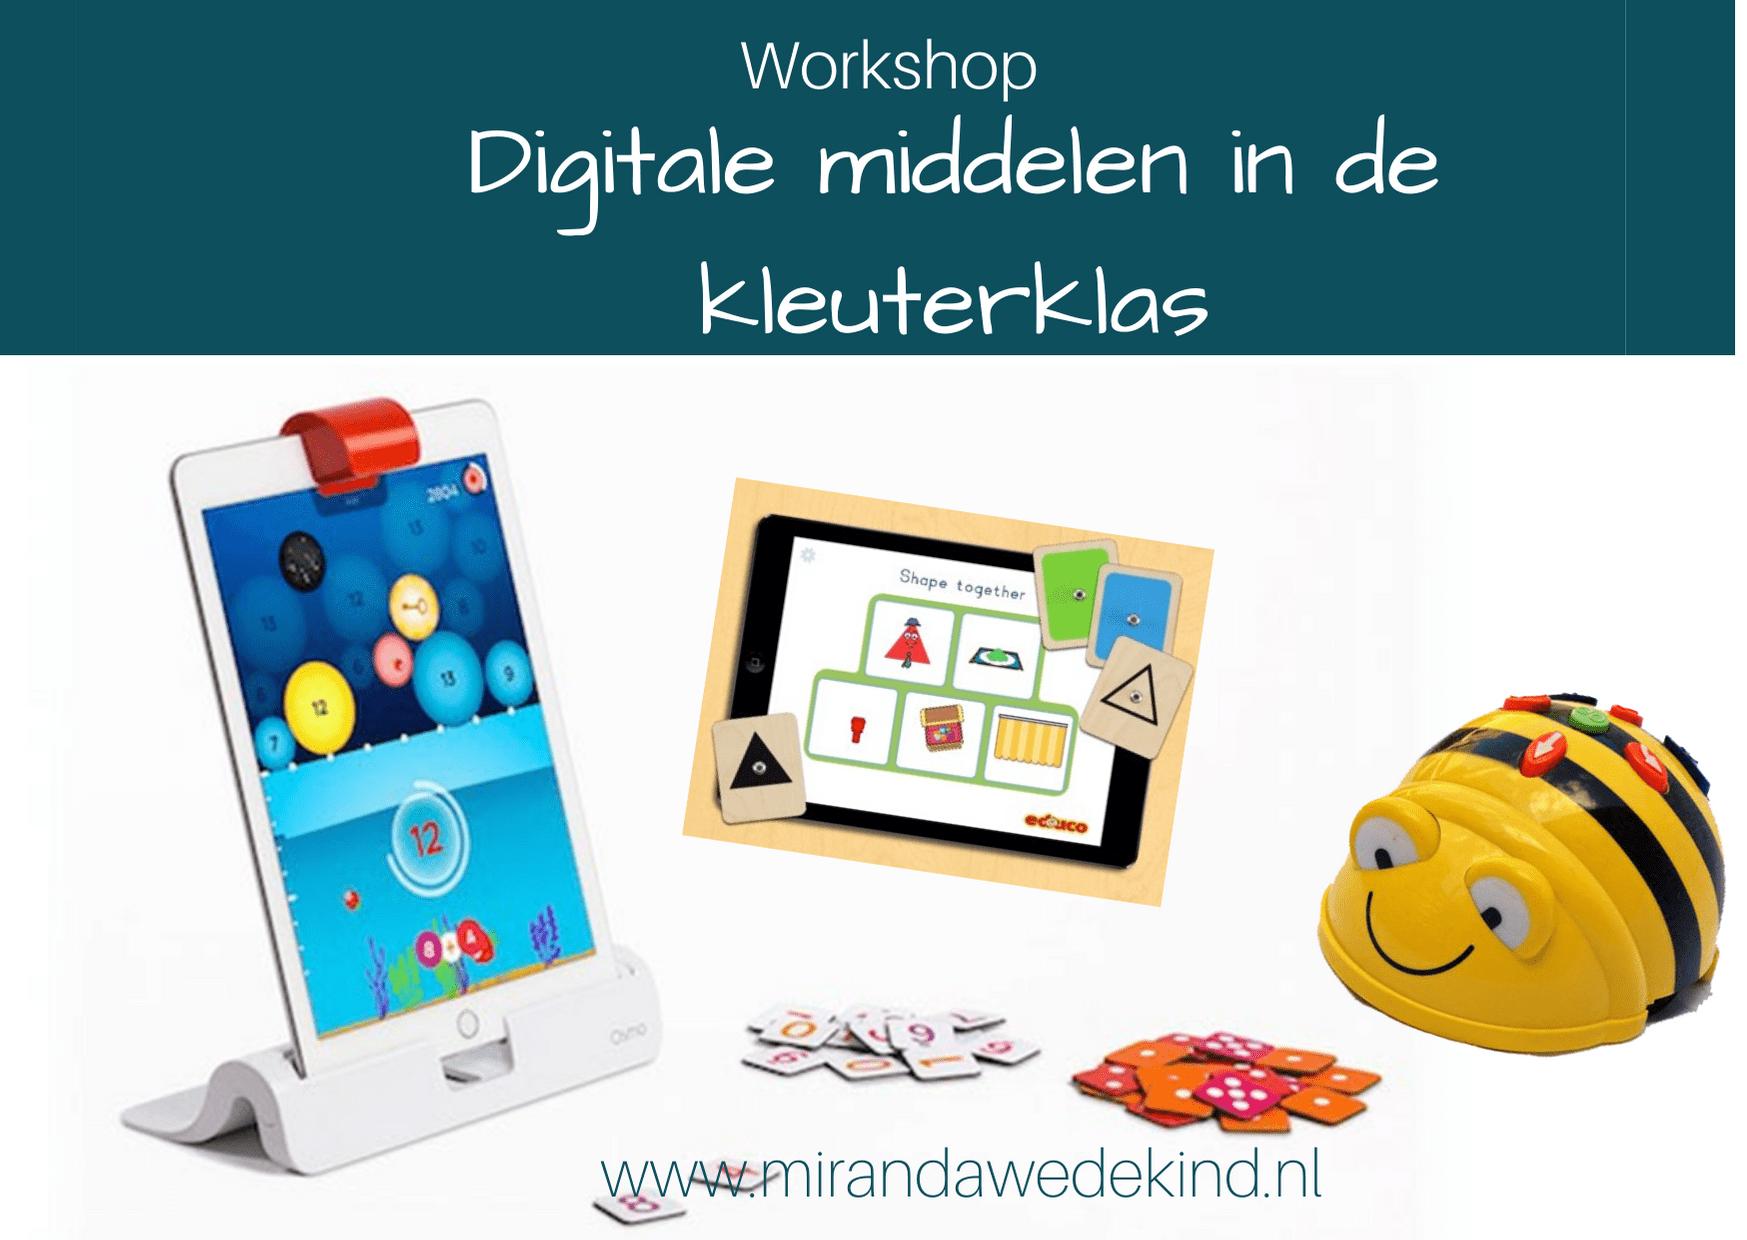 Workshop Digitale middelen in de kleuterklas